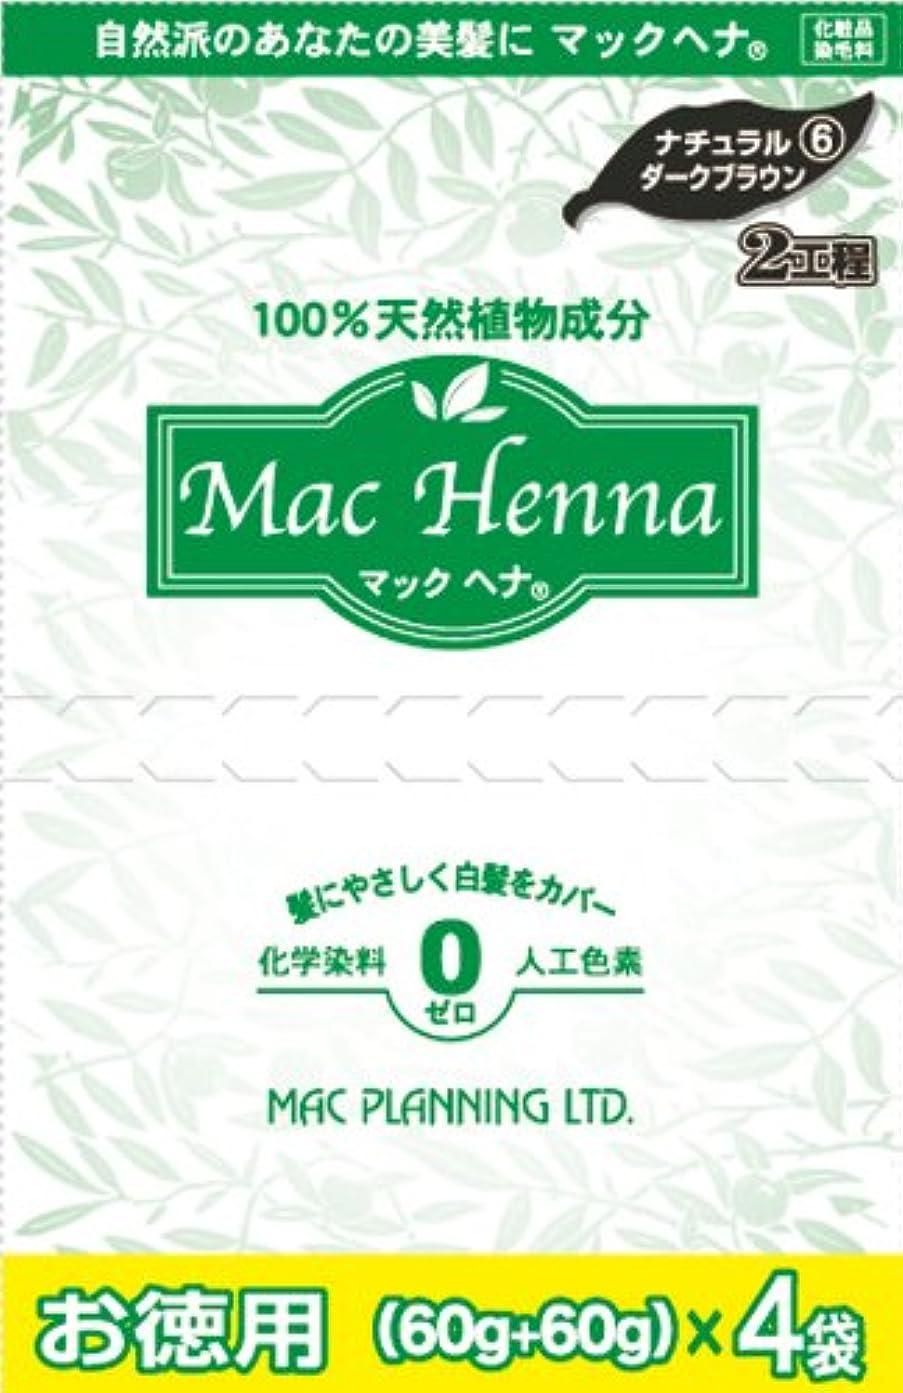 幾何学悪性職業天然植物原料100% 無添加 マックヘナ お徳用(ナチュラルダークブラウン)-6  ヘナ240g(60g×4袋)?インディゴ240g(60g×4袋) 2箱セット